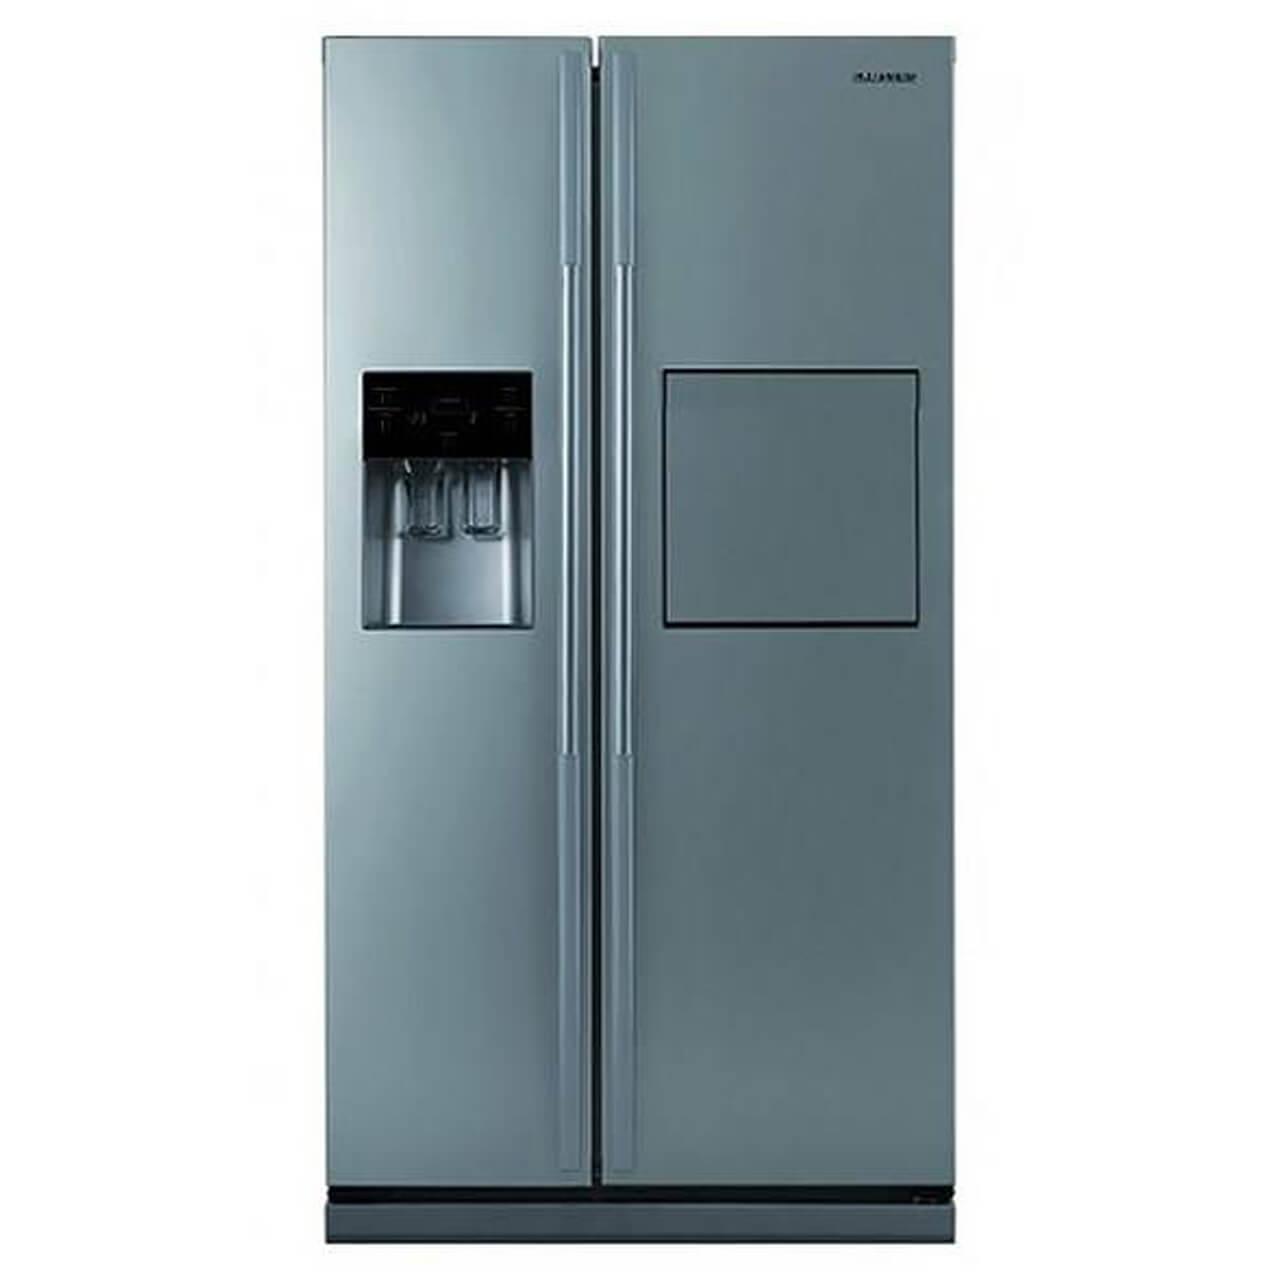 یخچال فریزر ساید سامسونگ مدل RS225 PTEW | Samsung RS225PTEW Refrigerator